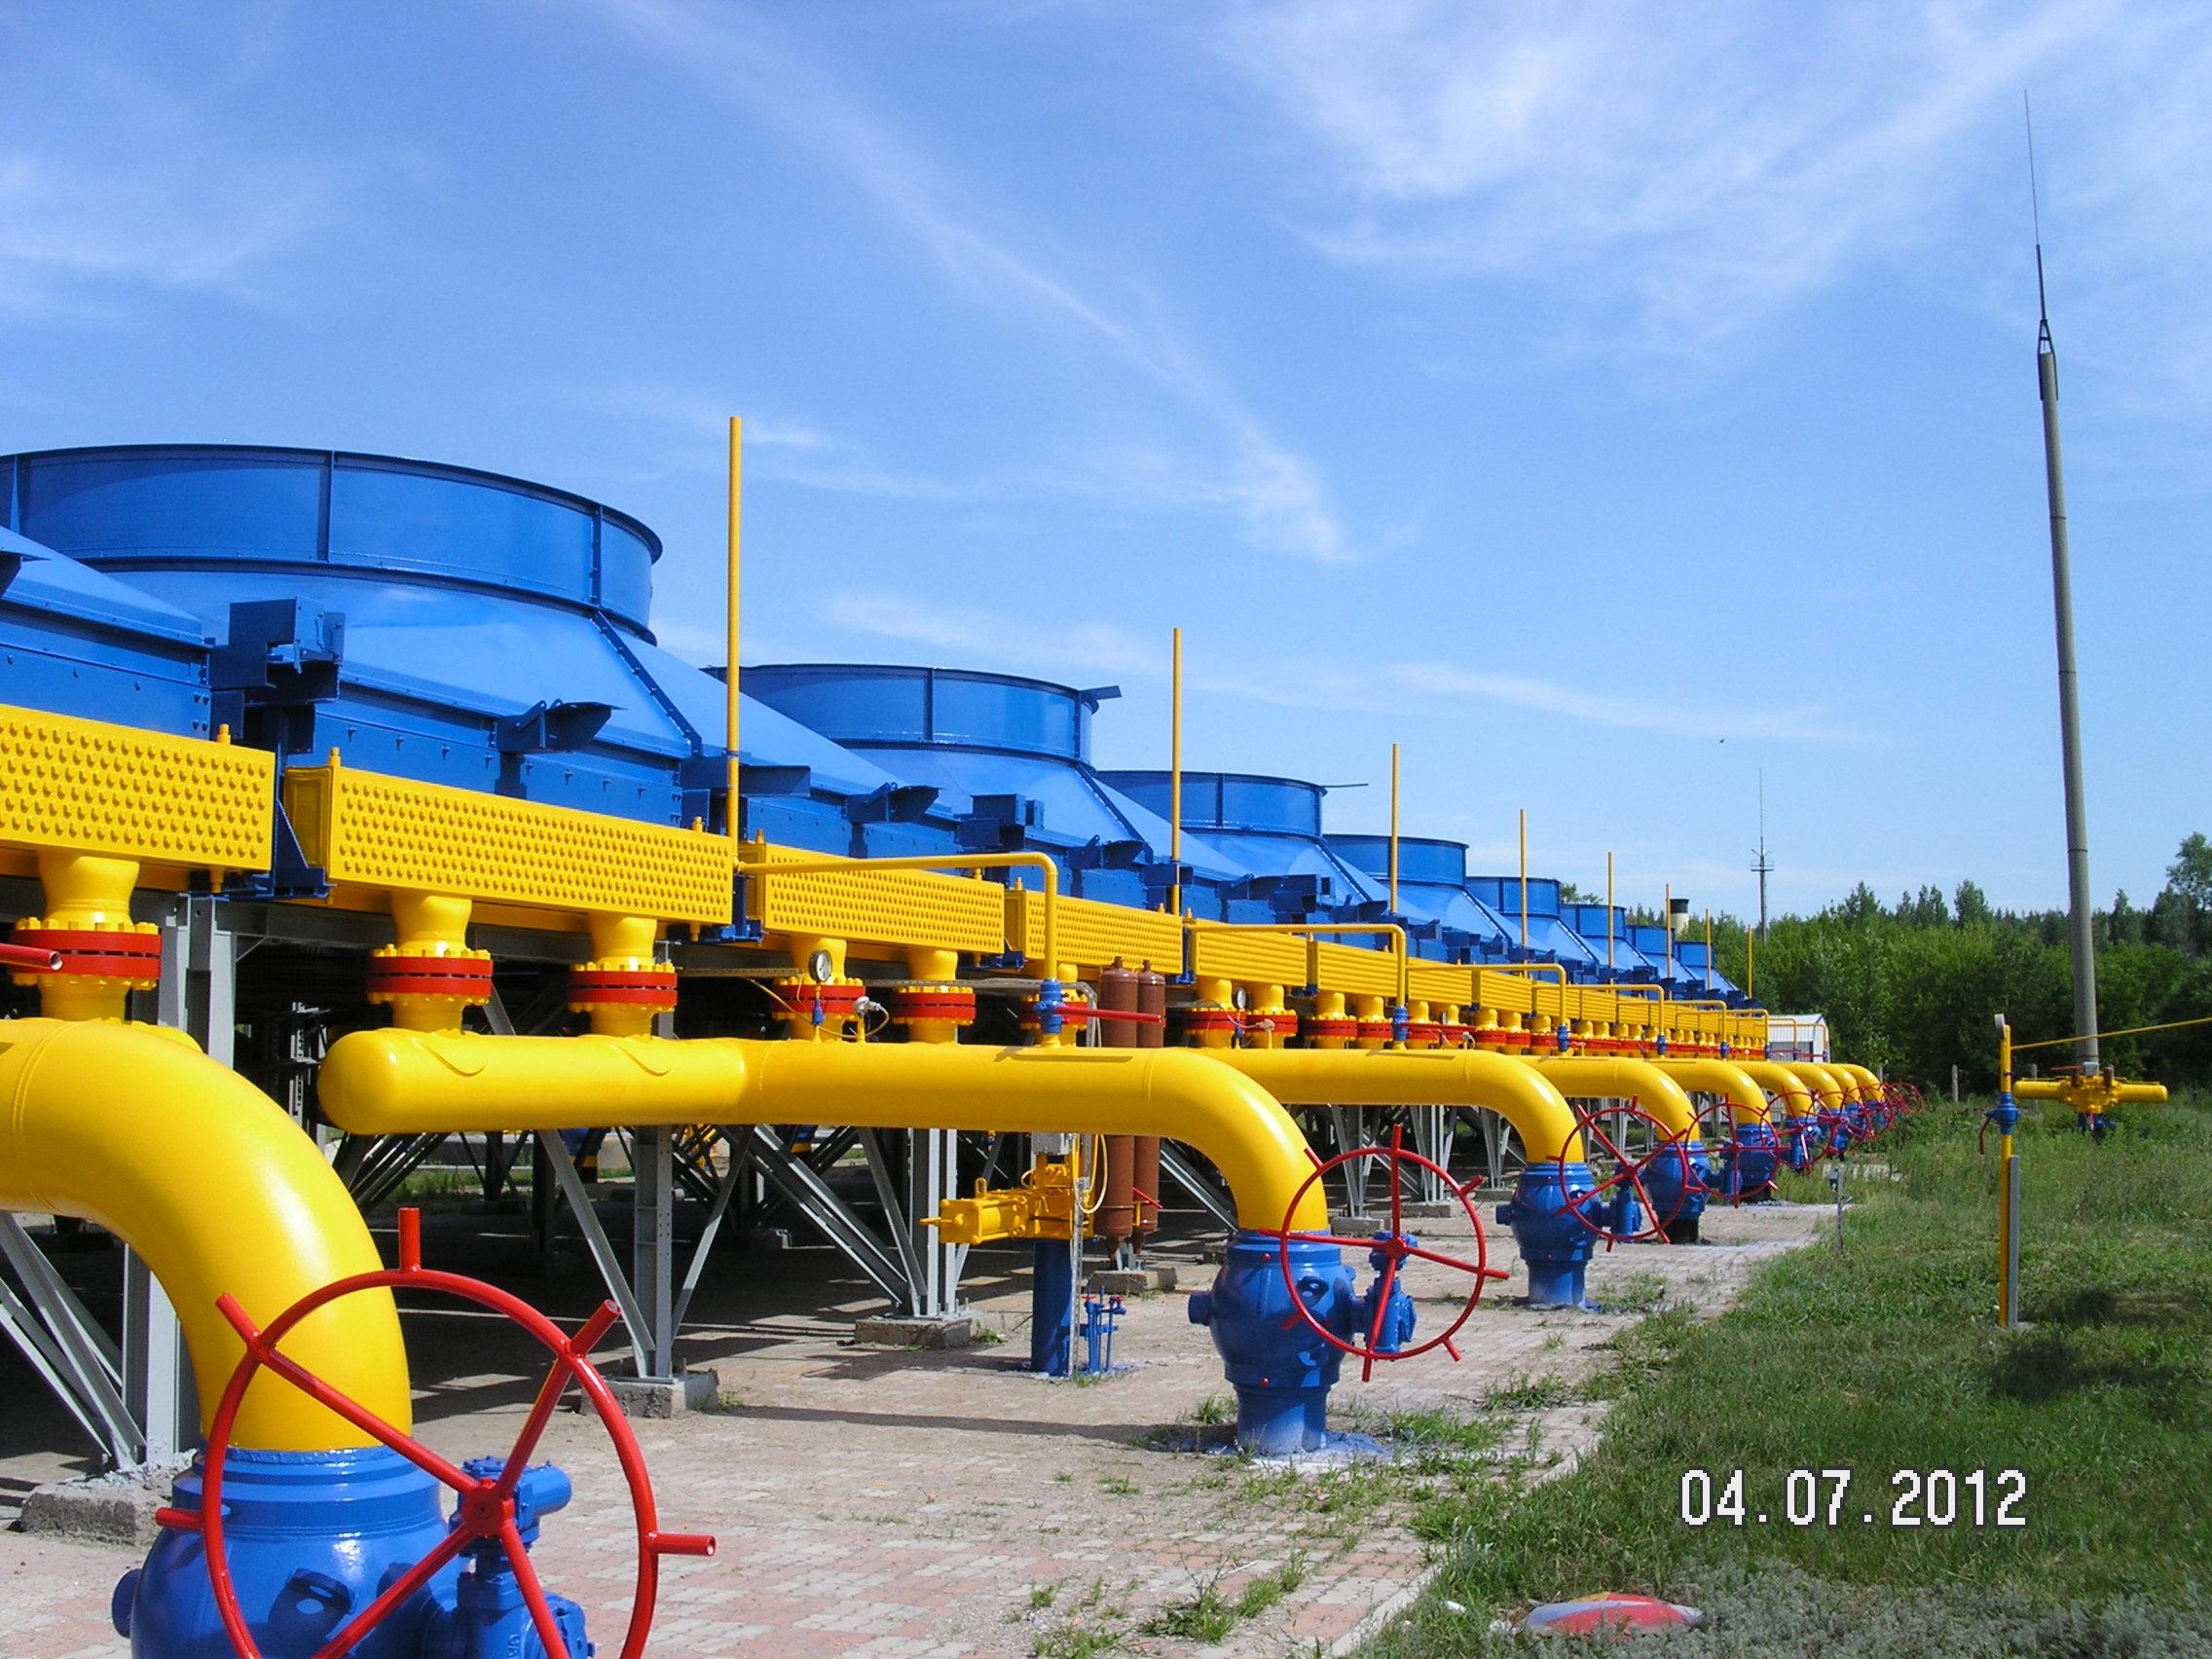 ООО Газпром трансгаз Самара КР Тольятинское ЛПУ МГ